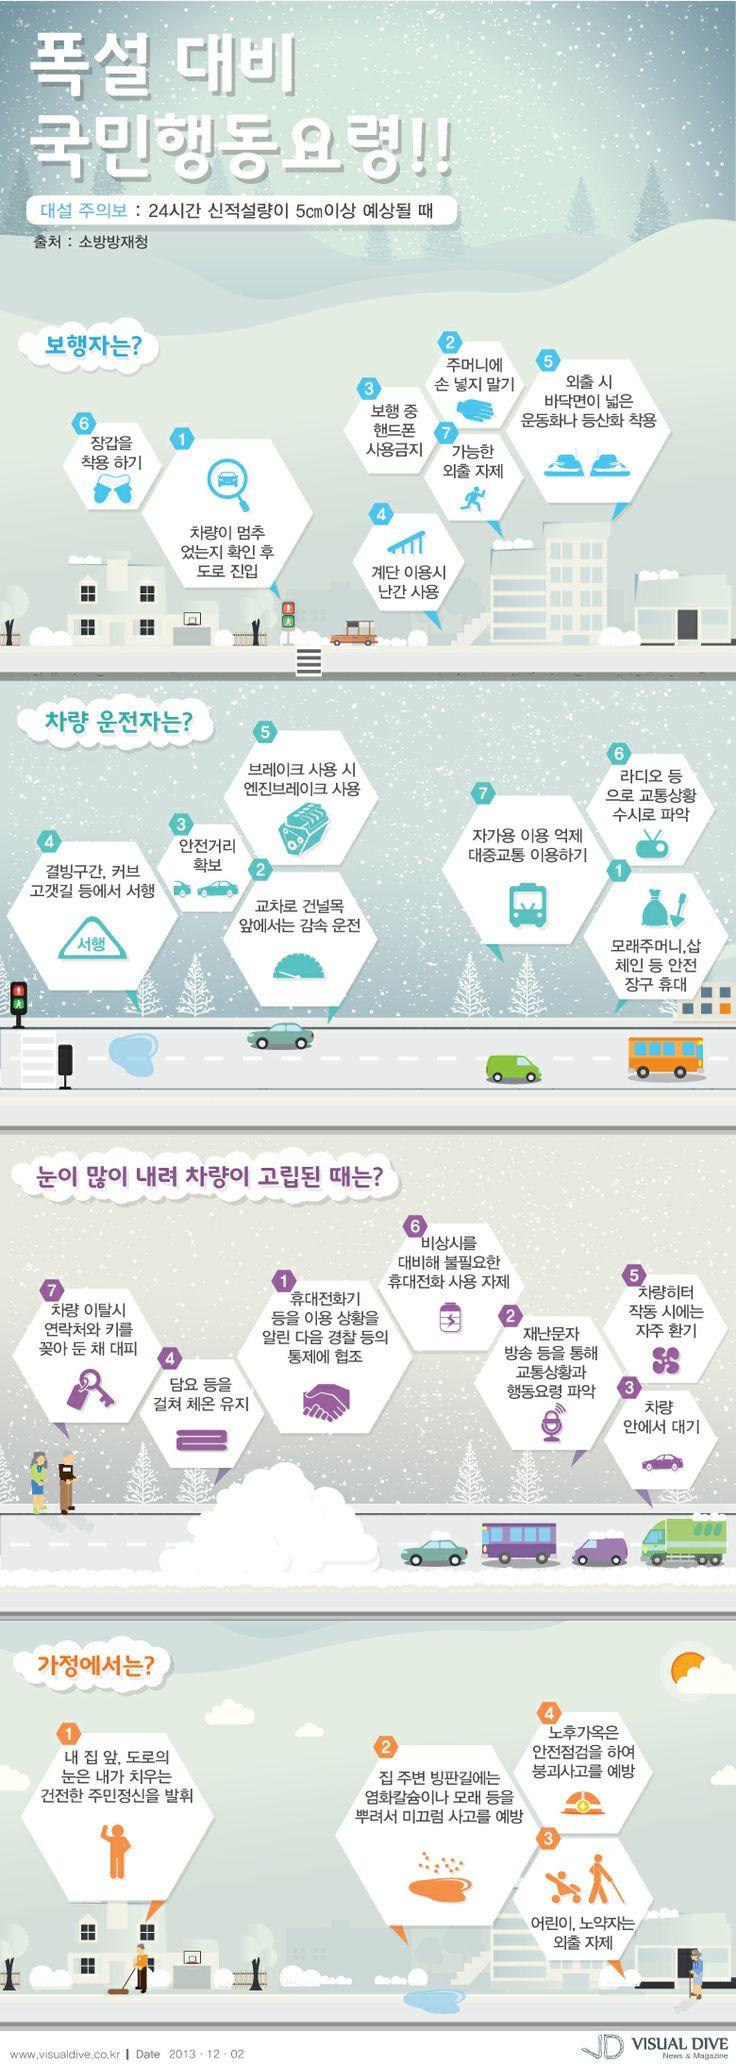 """[인포그래픽] 폭설대비 국민행동요령, """"주머니에 손 넣지 마세요!"""" #snow / #Infographic"""" ⓒ 비주얼다이브 무단 복사·전재·재배포 금지"""